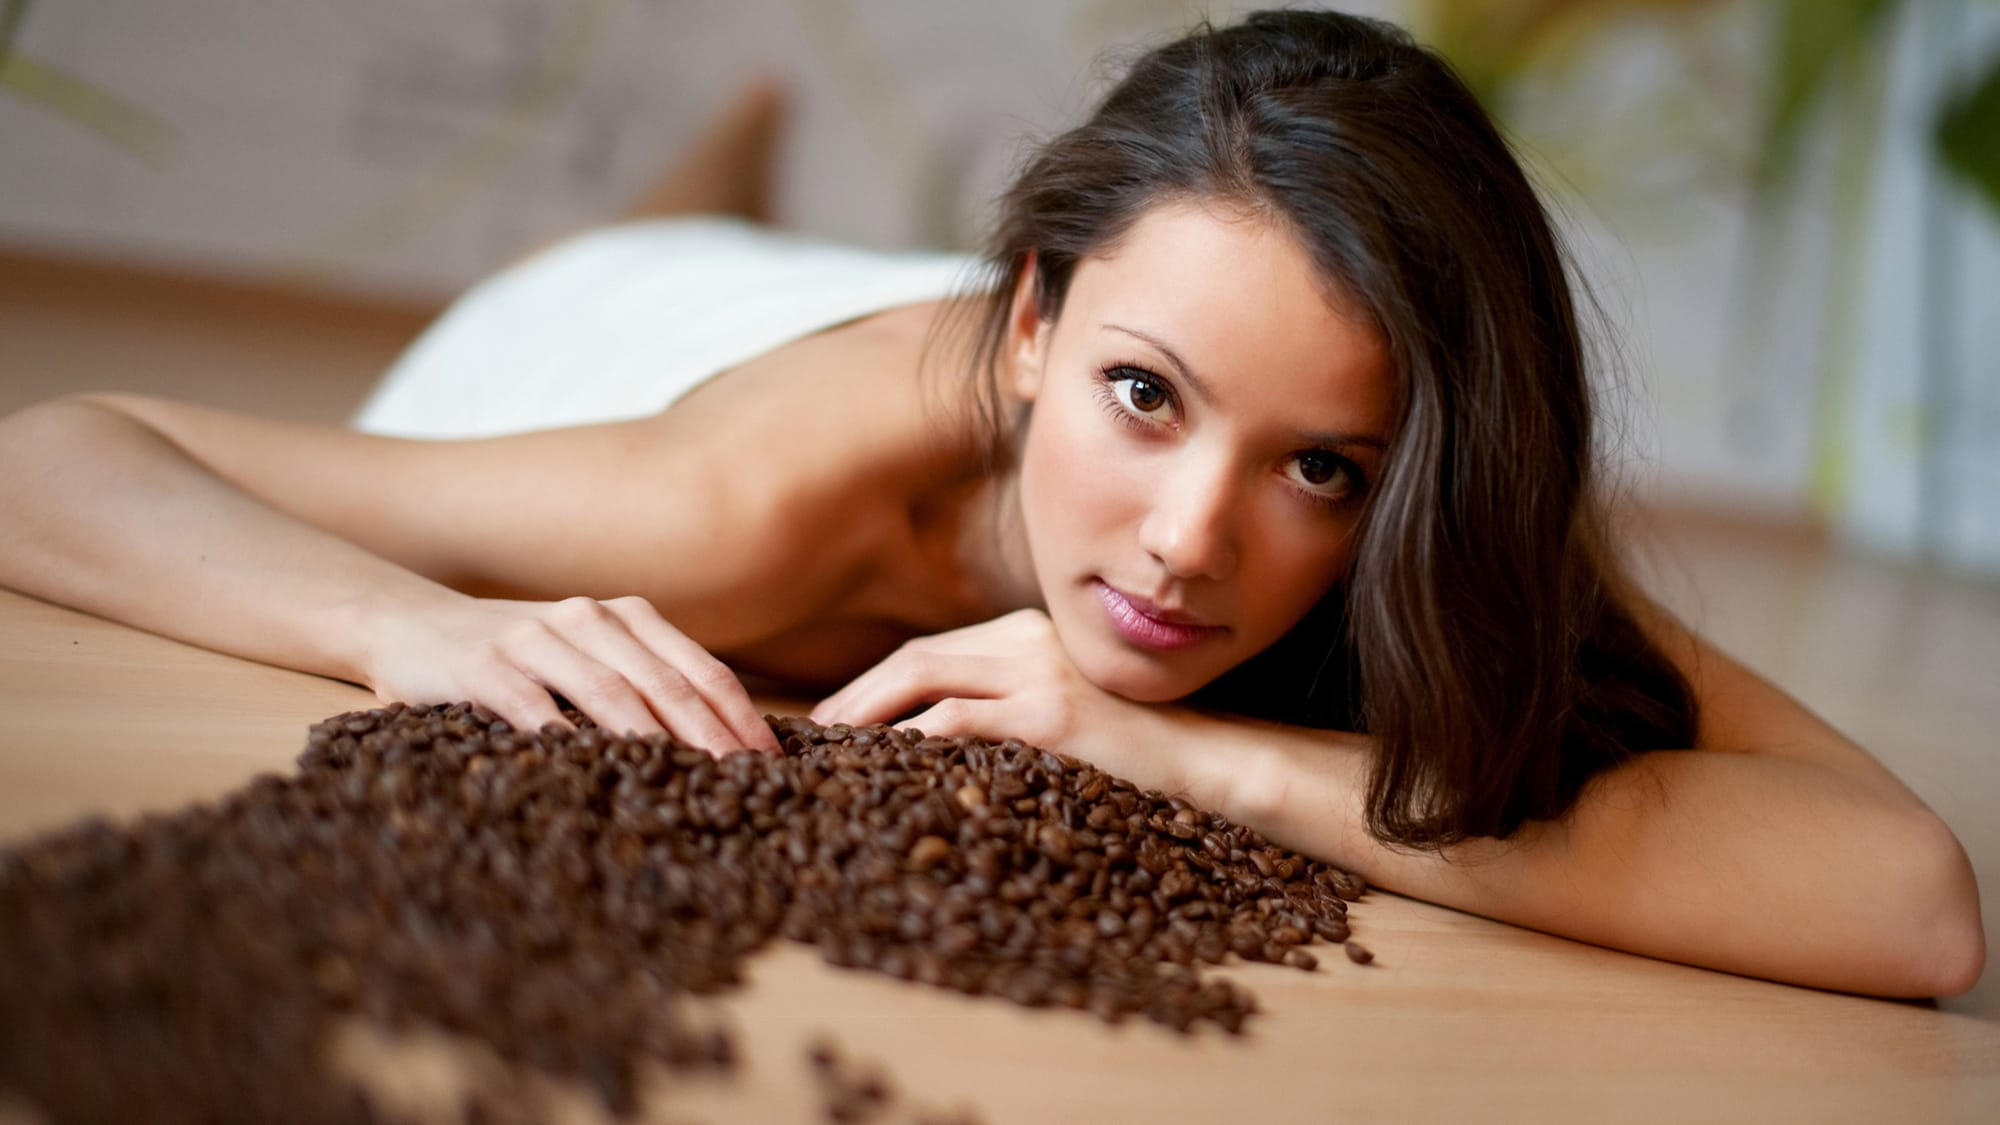 Маска из жмыха кофе для волос